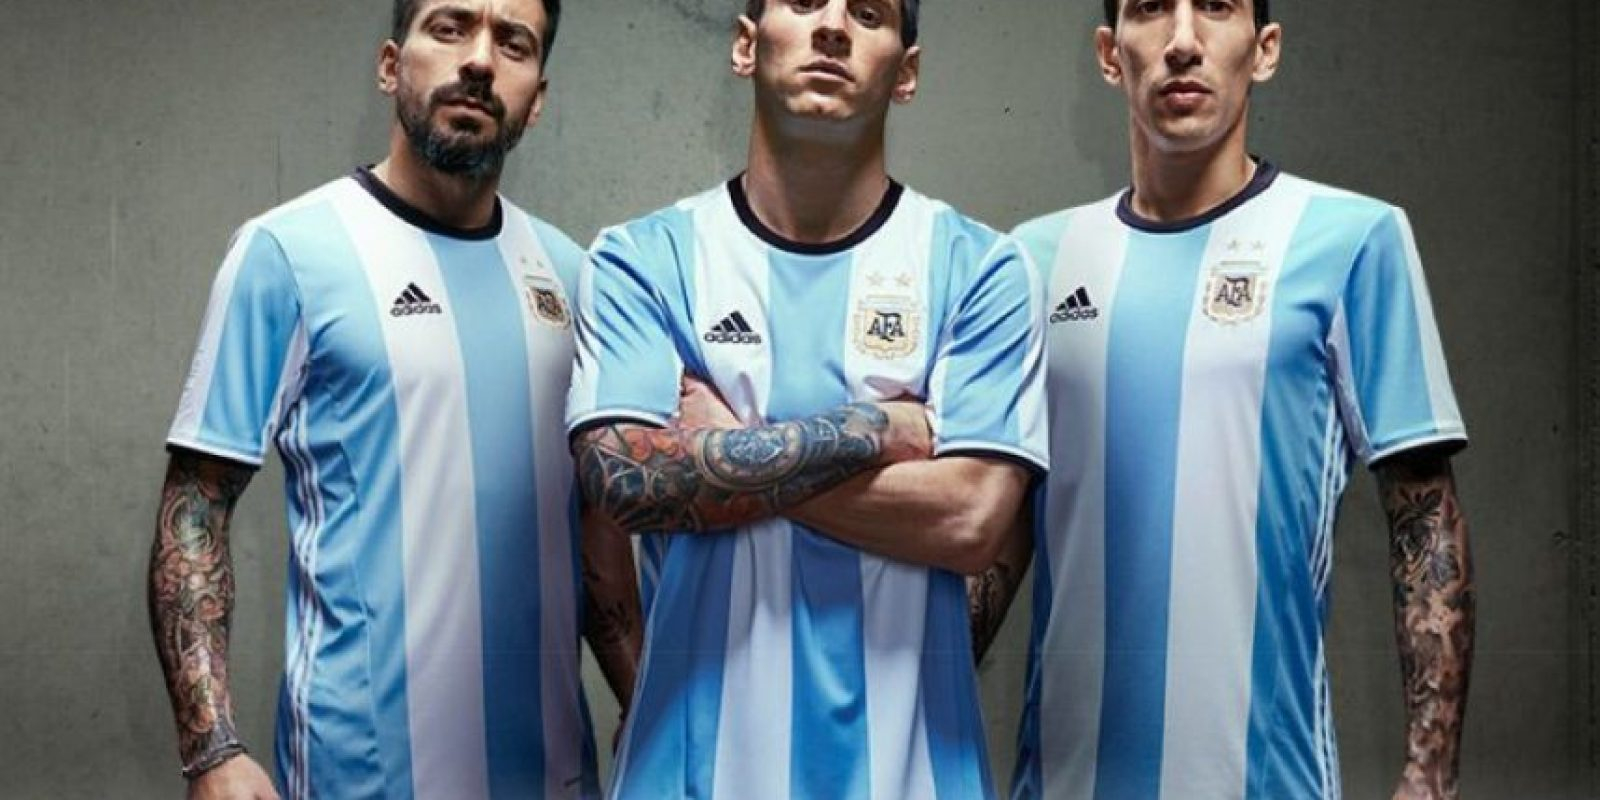 Foto:Tomado de http://www.adidas.com.ar/futbol-argentina